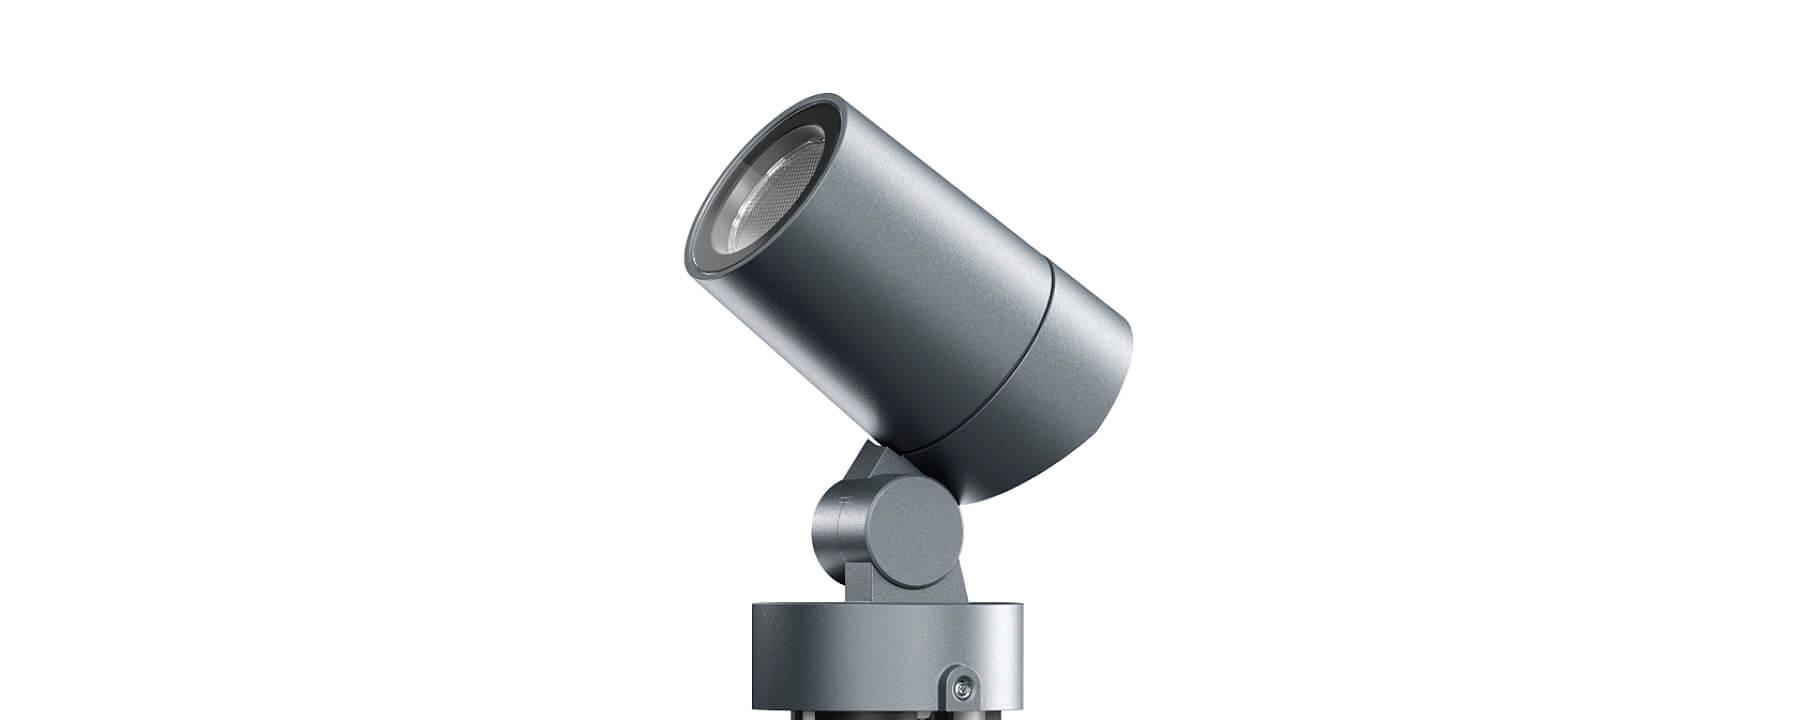 ERCO lighting product kona xs